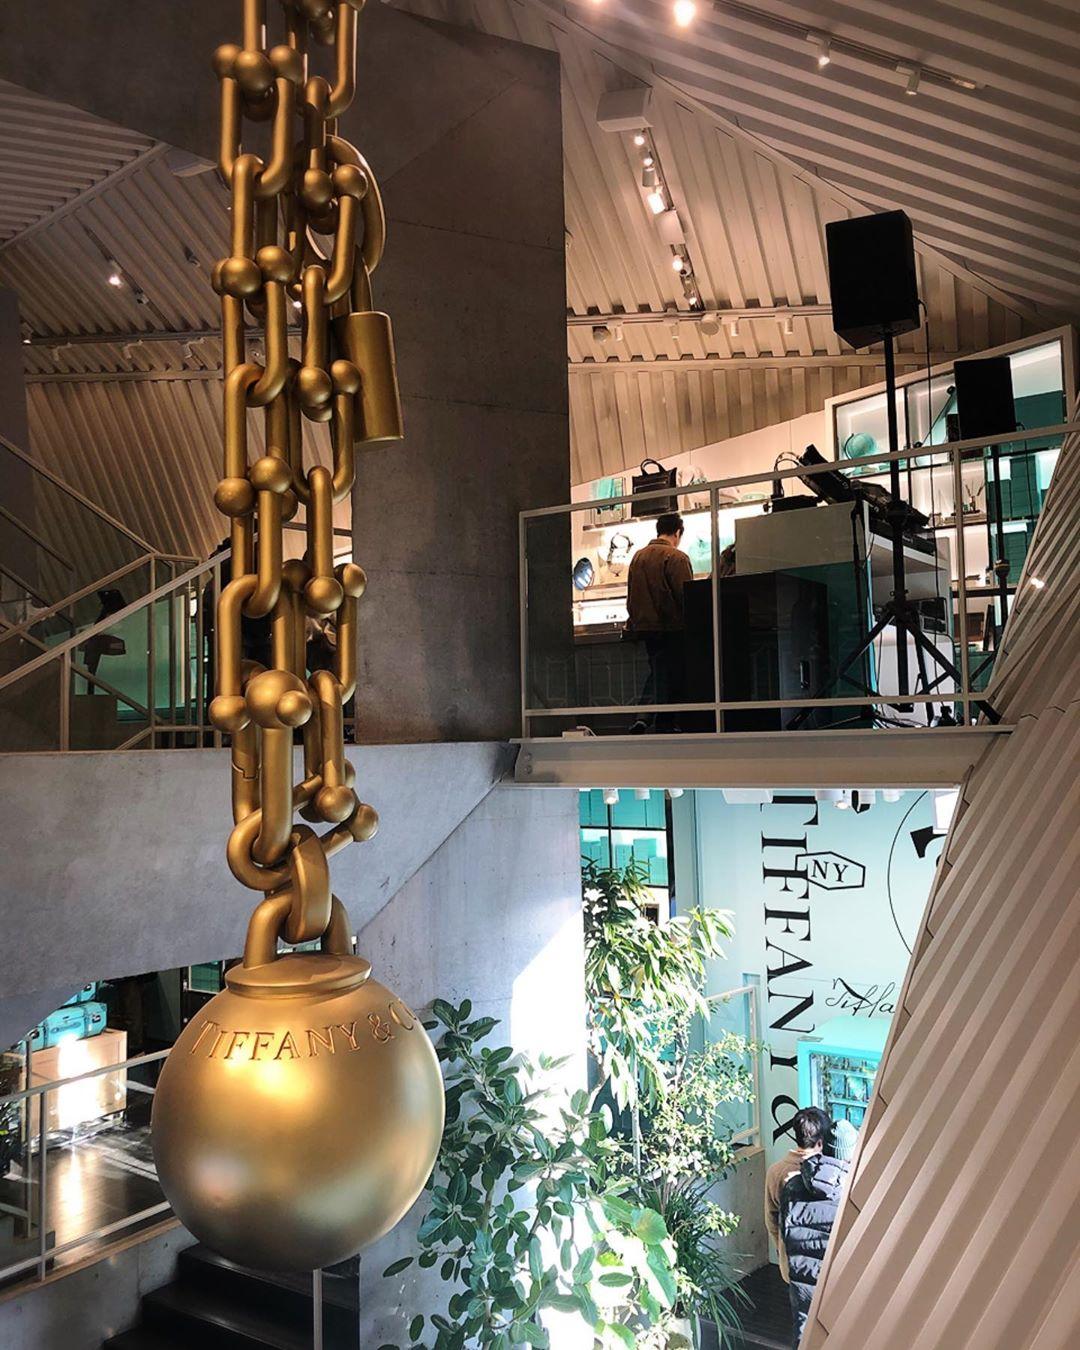 【名牌cafe都在日本】 時尚大牌咖啡甜點 味覺視覺的品味享受